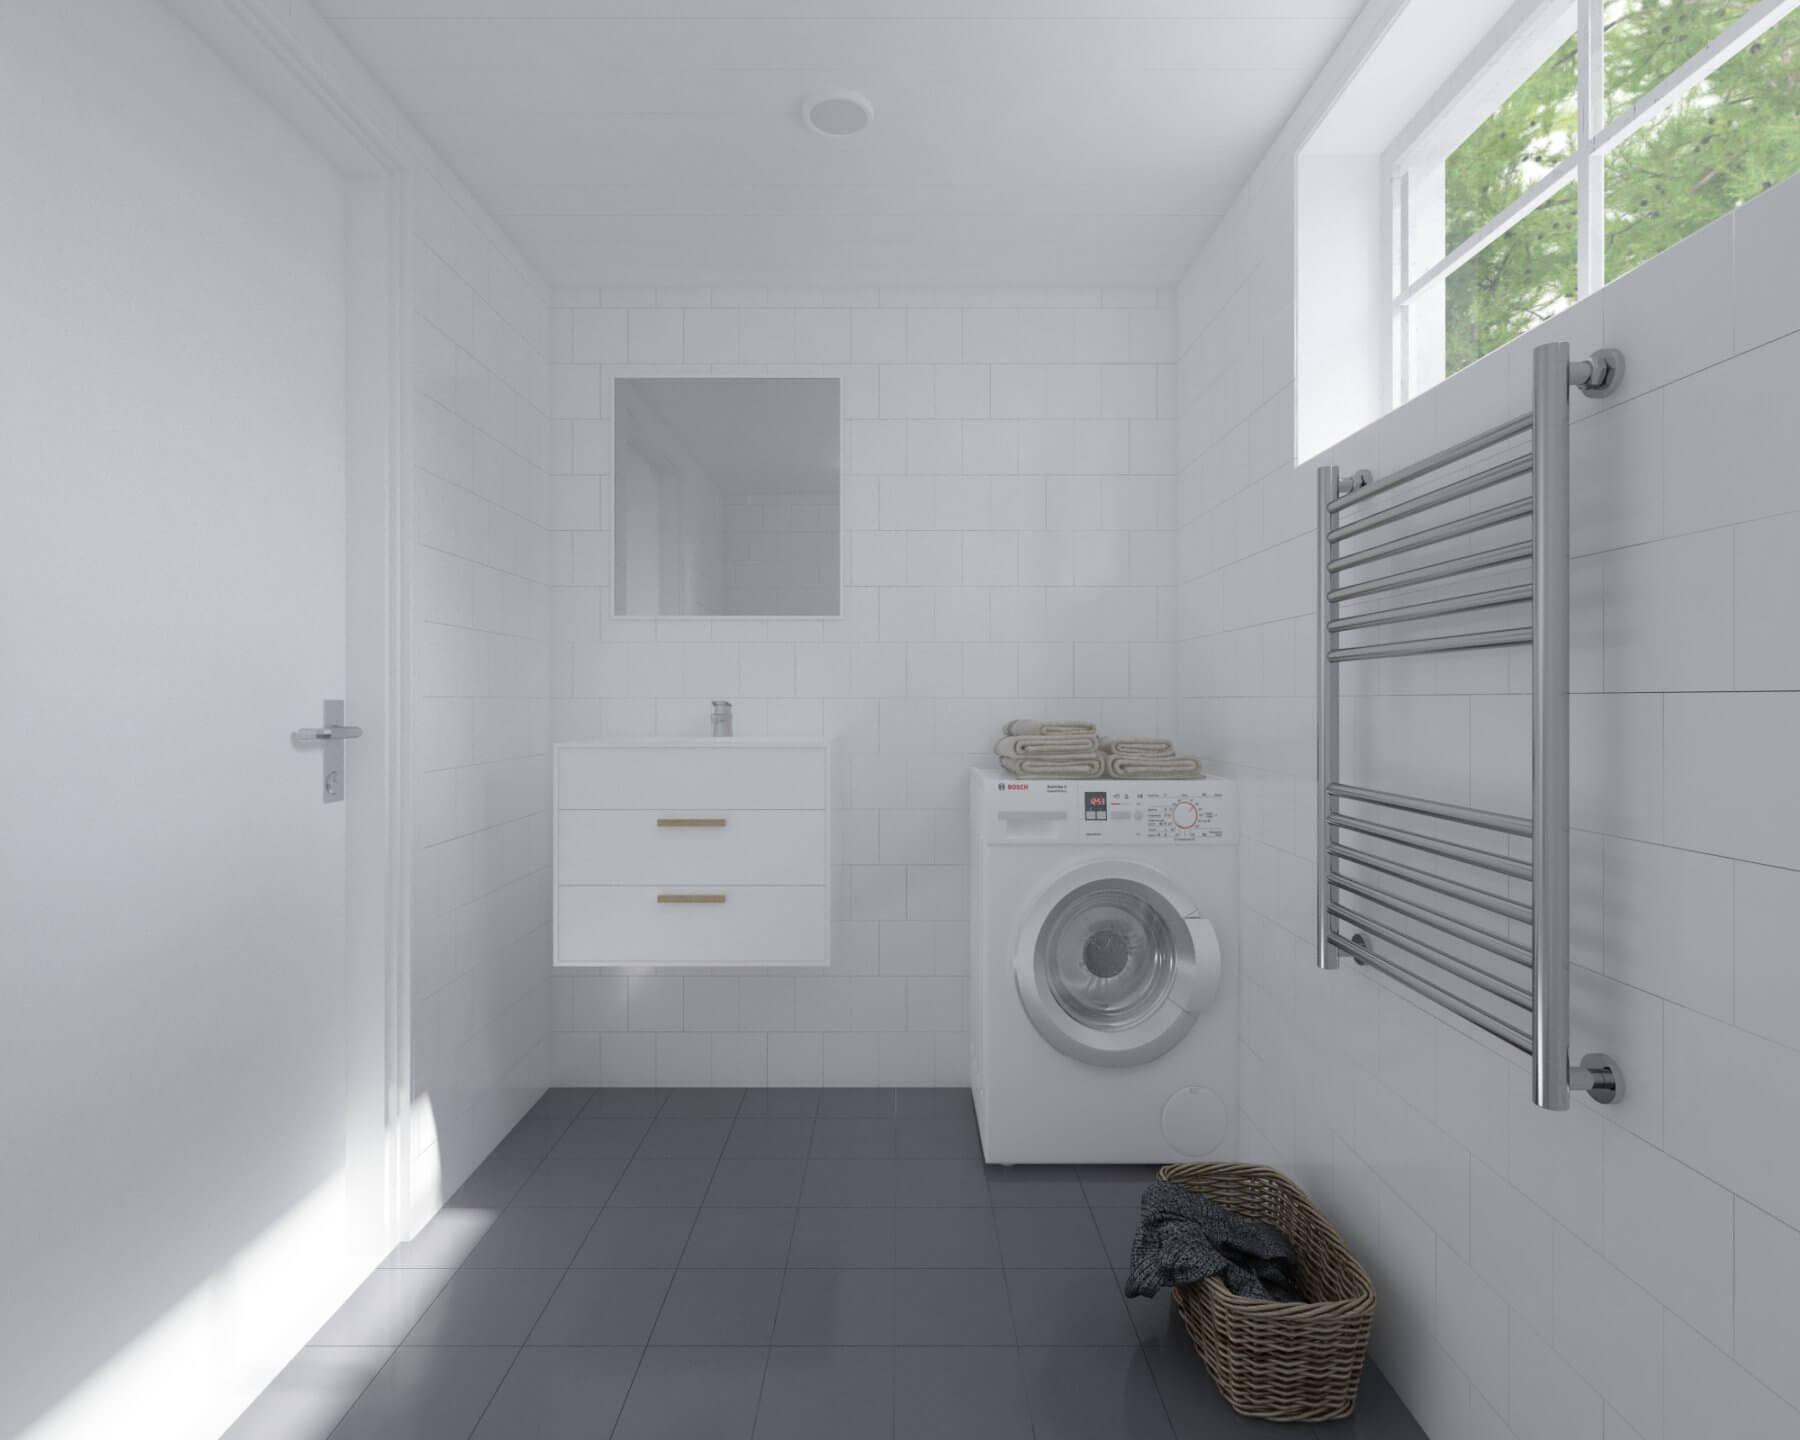 Attefallshus Klassisk 25.1 badrum med tvättmanskin, handfat och handdukstork